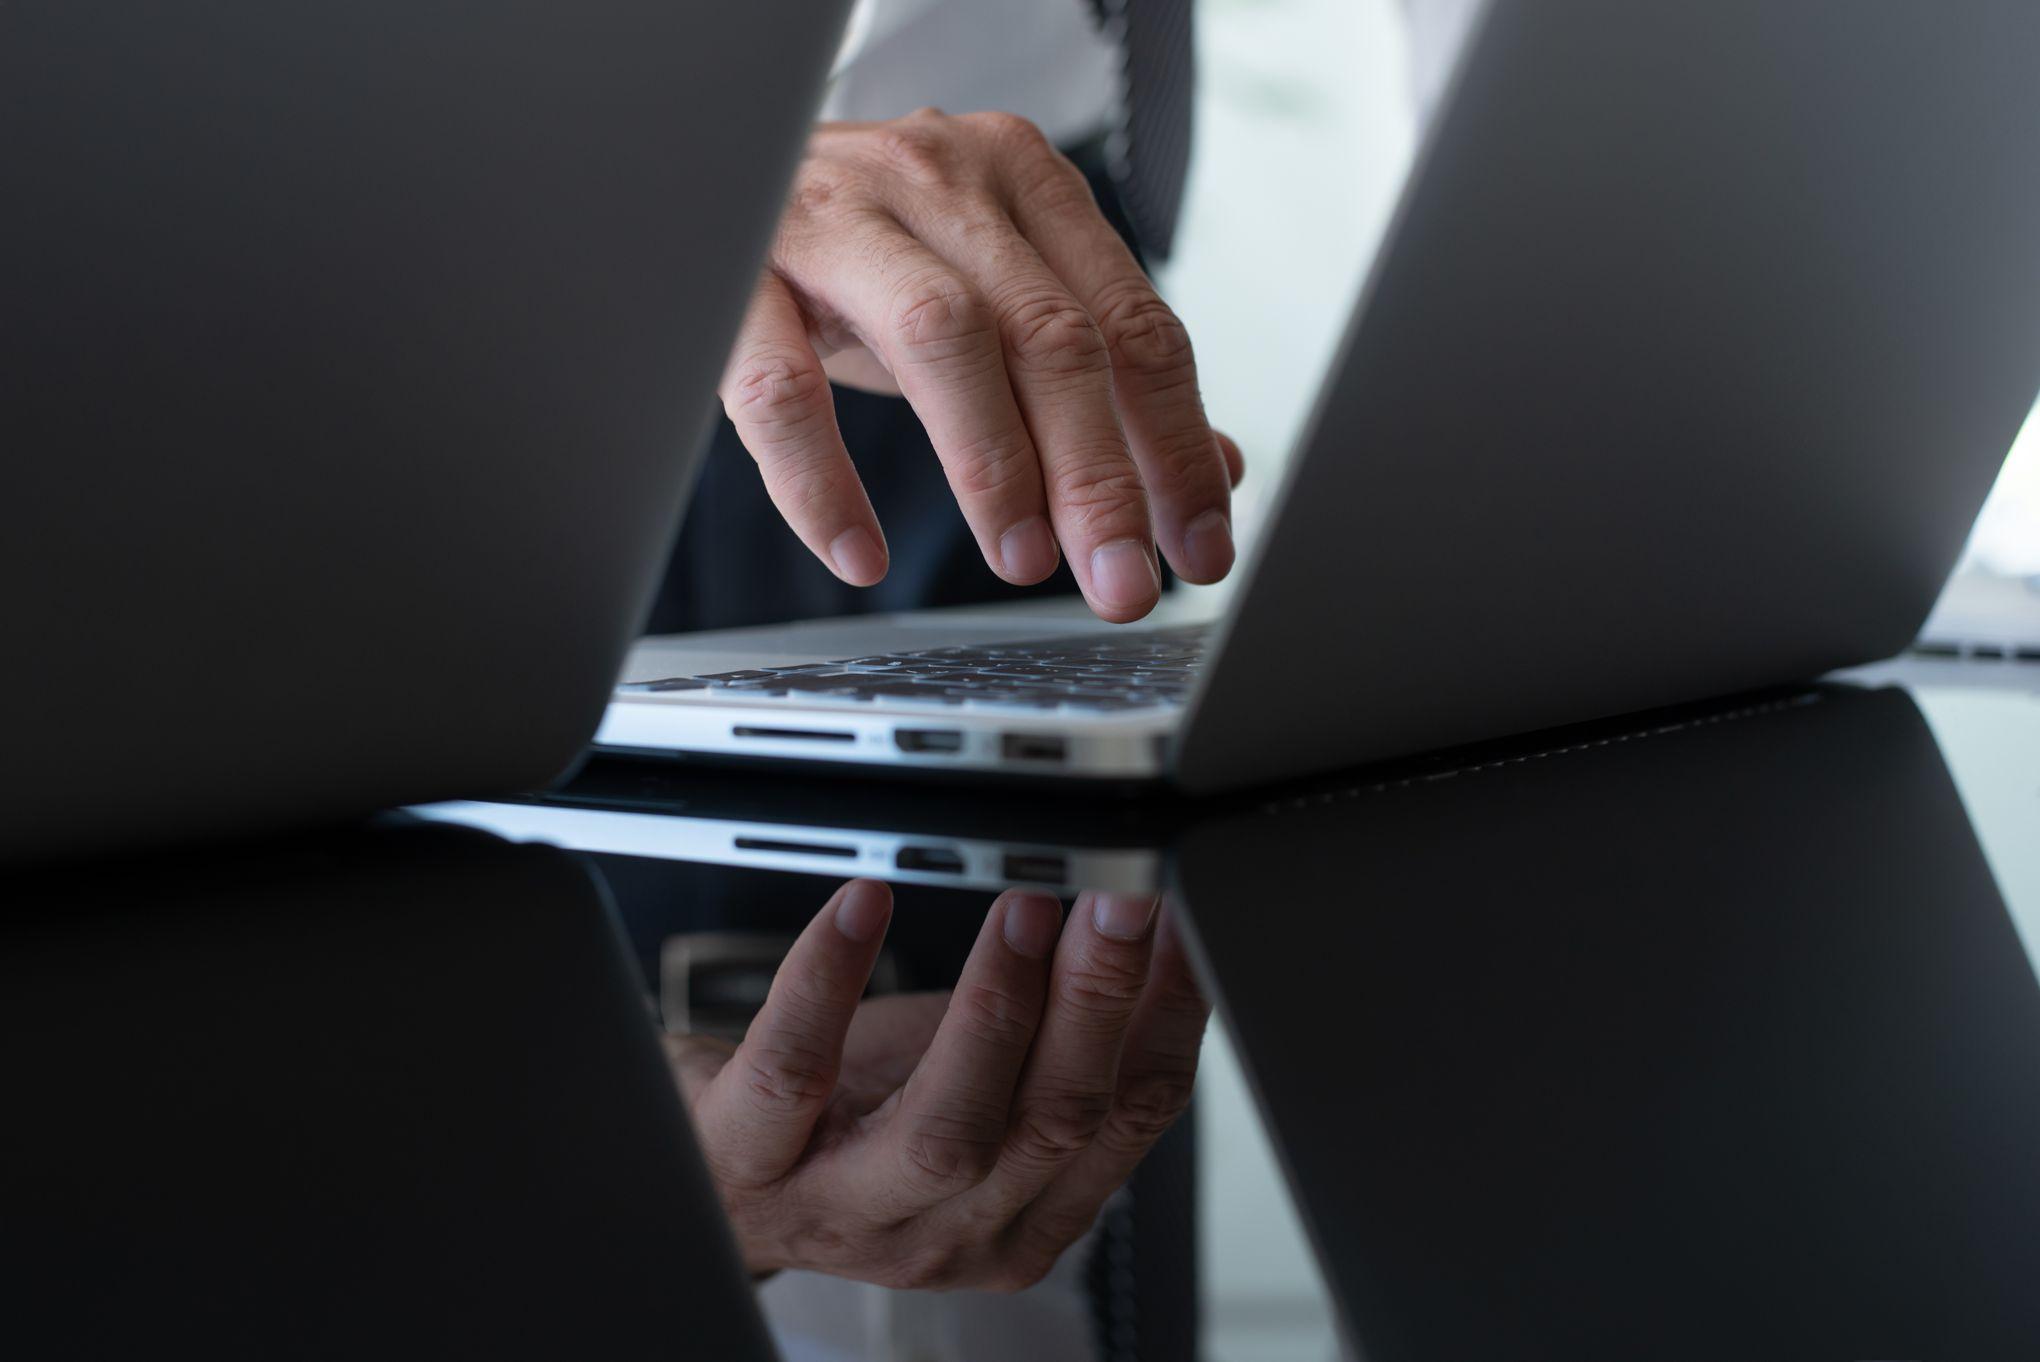 Un cours en ligne pour apprendre à réagir à une attaque terroriste